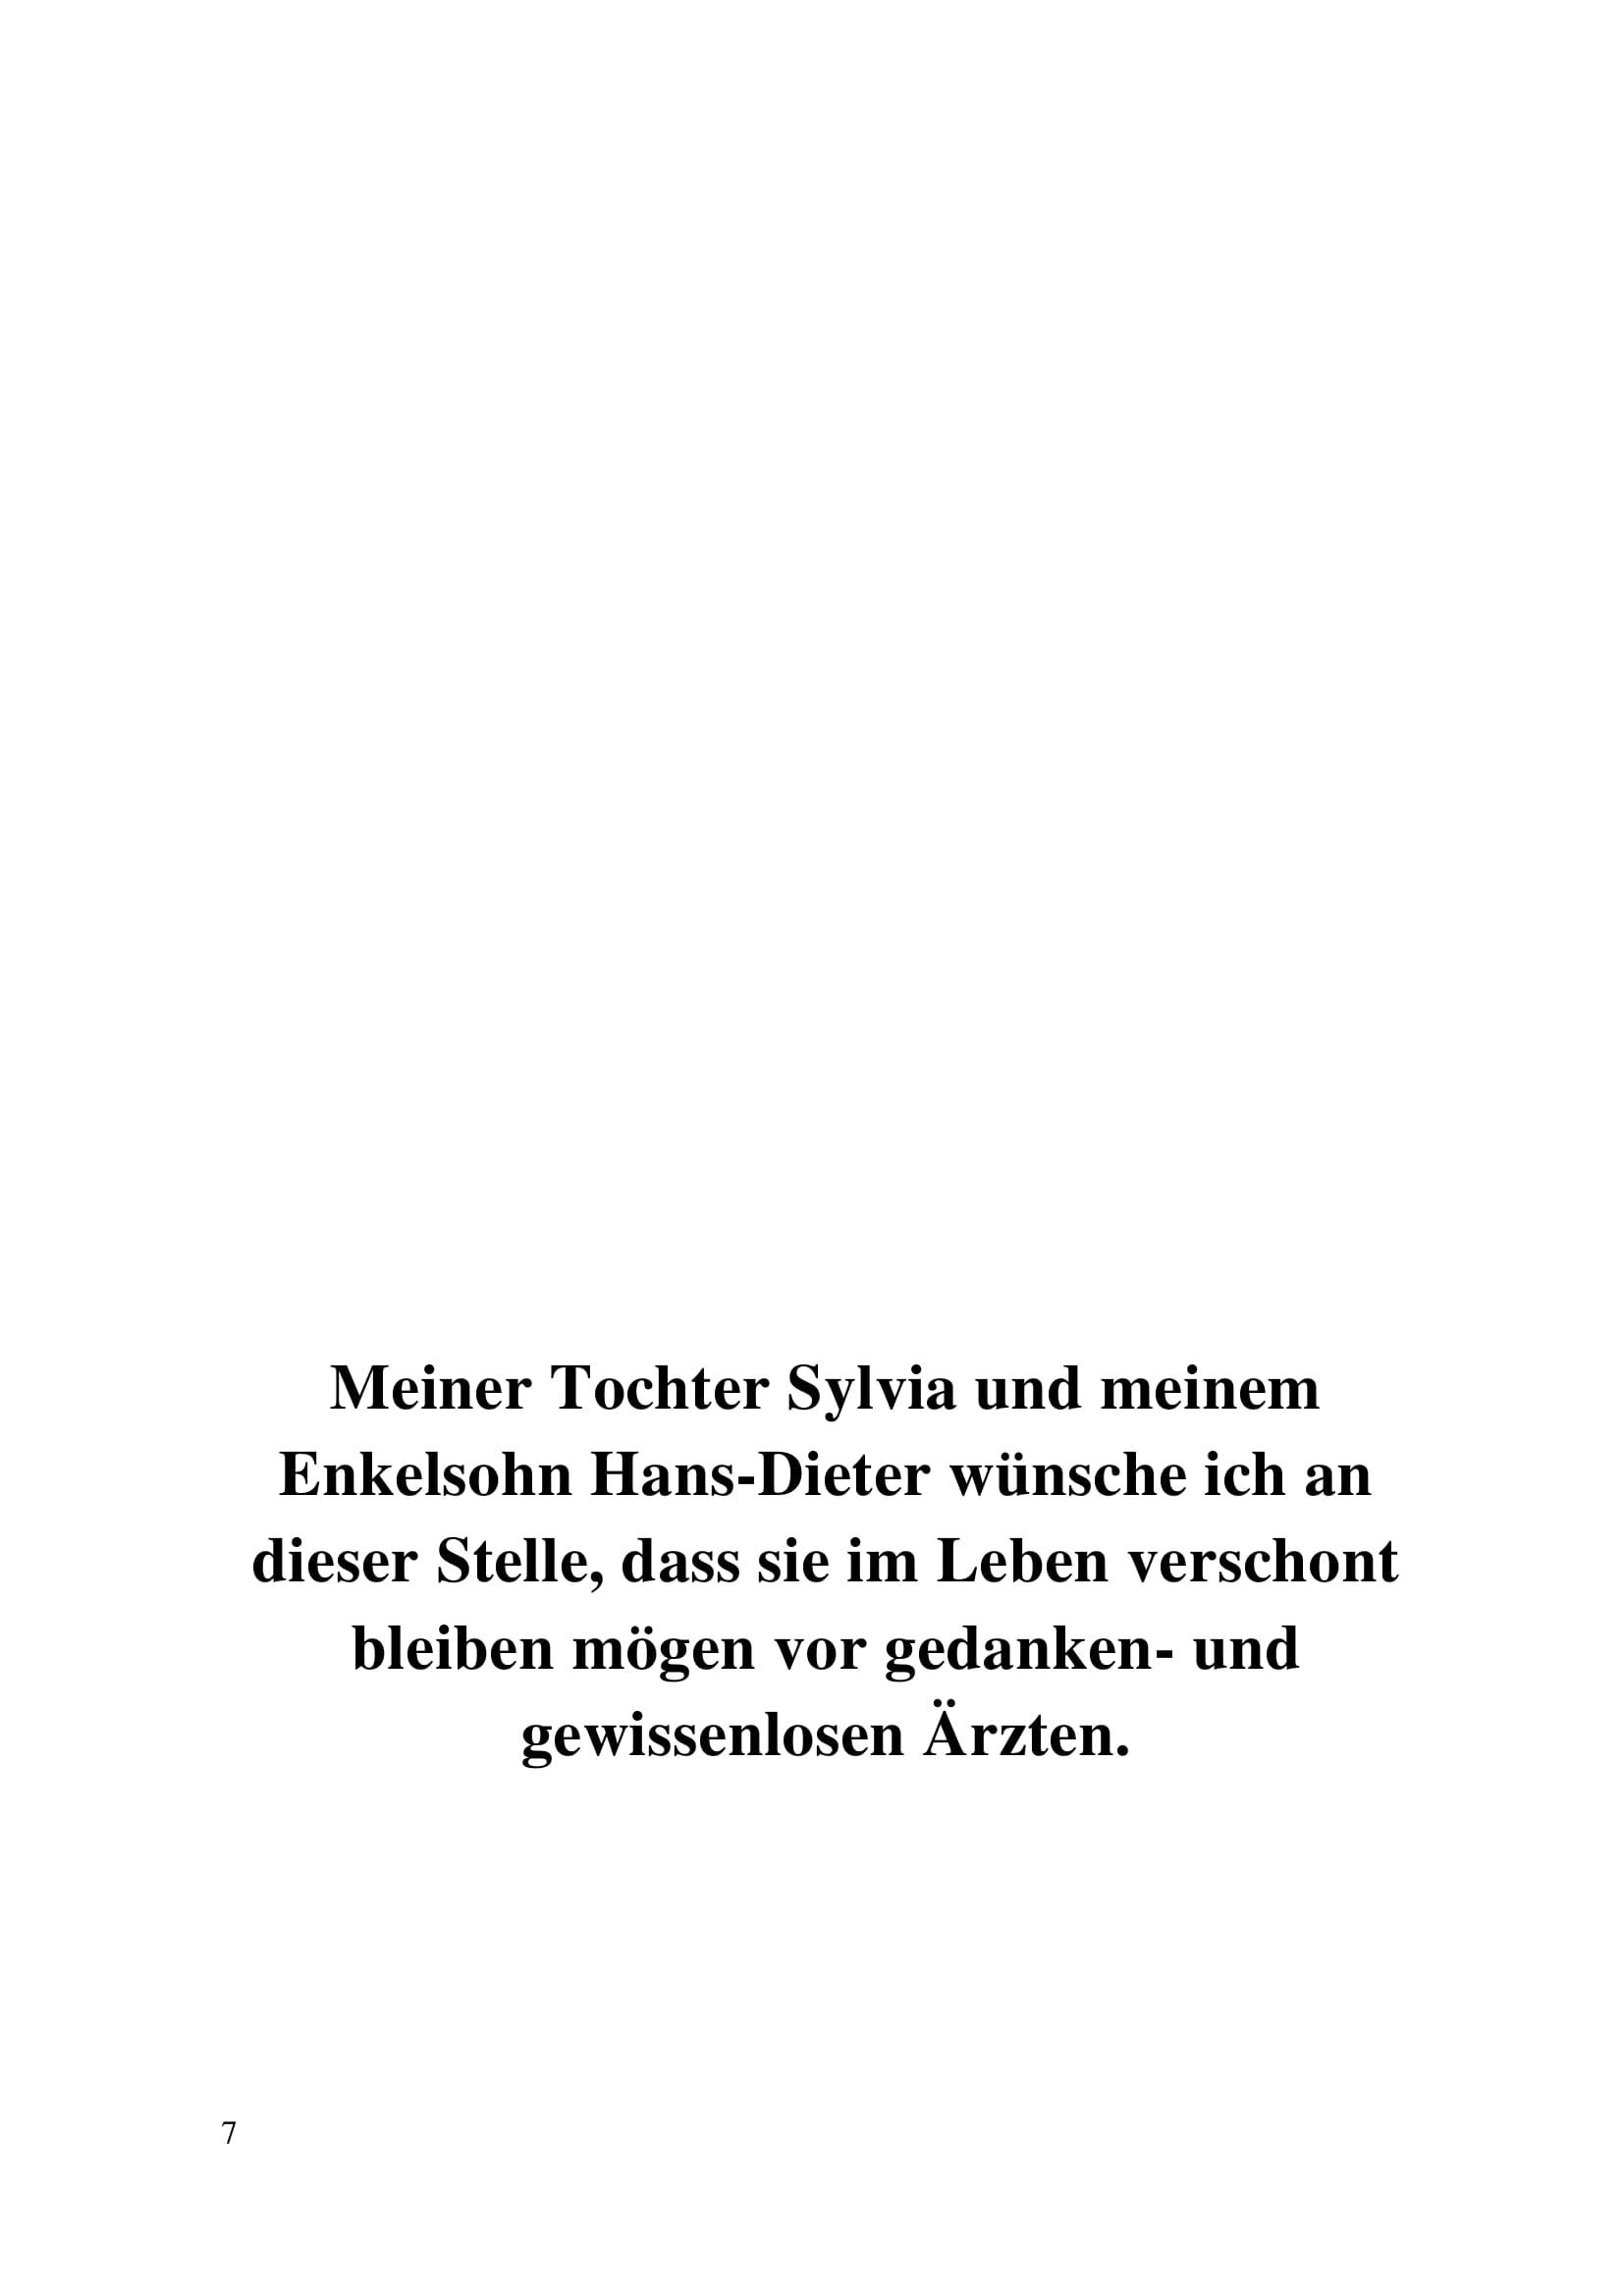 ausdembuch04